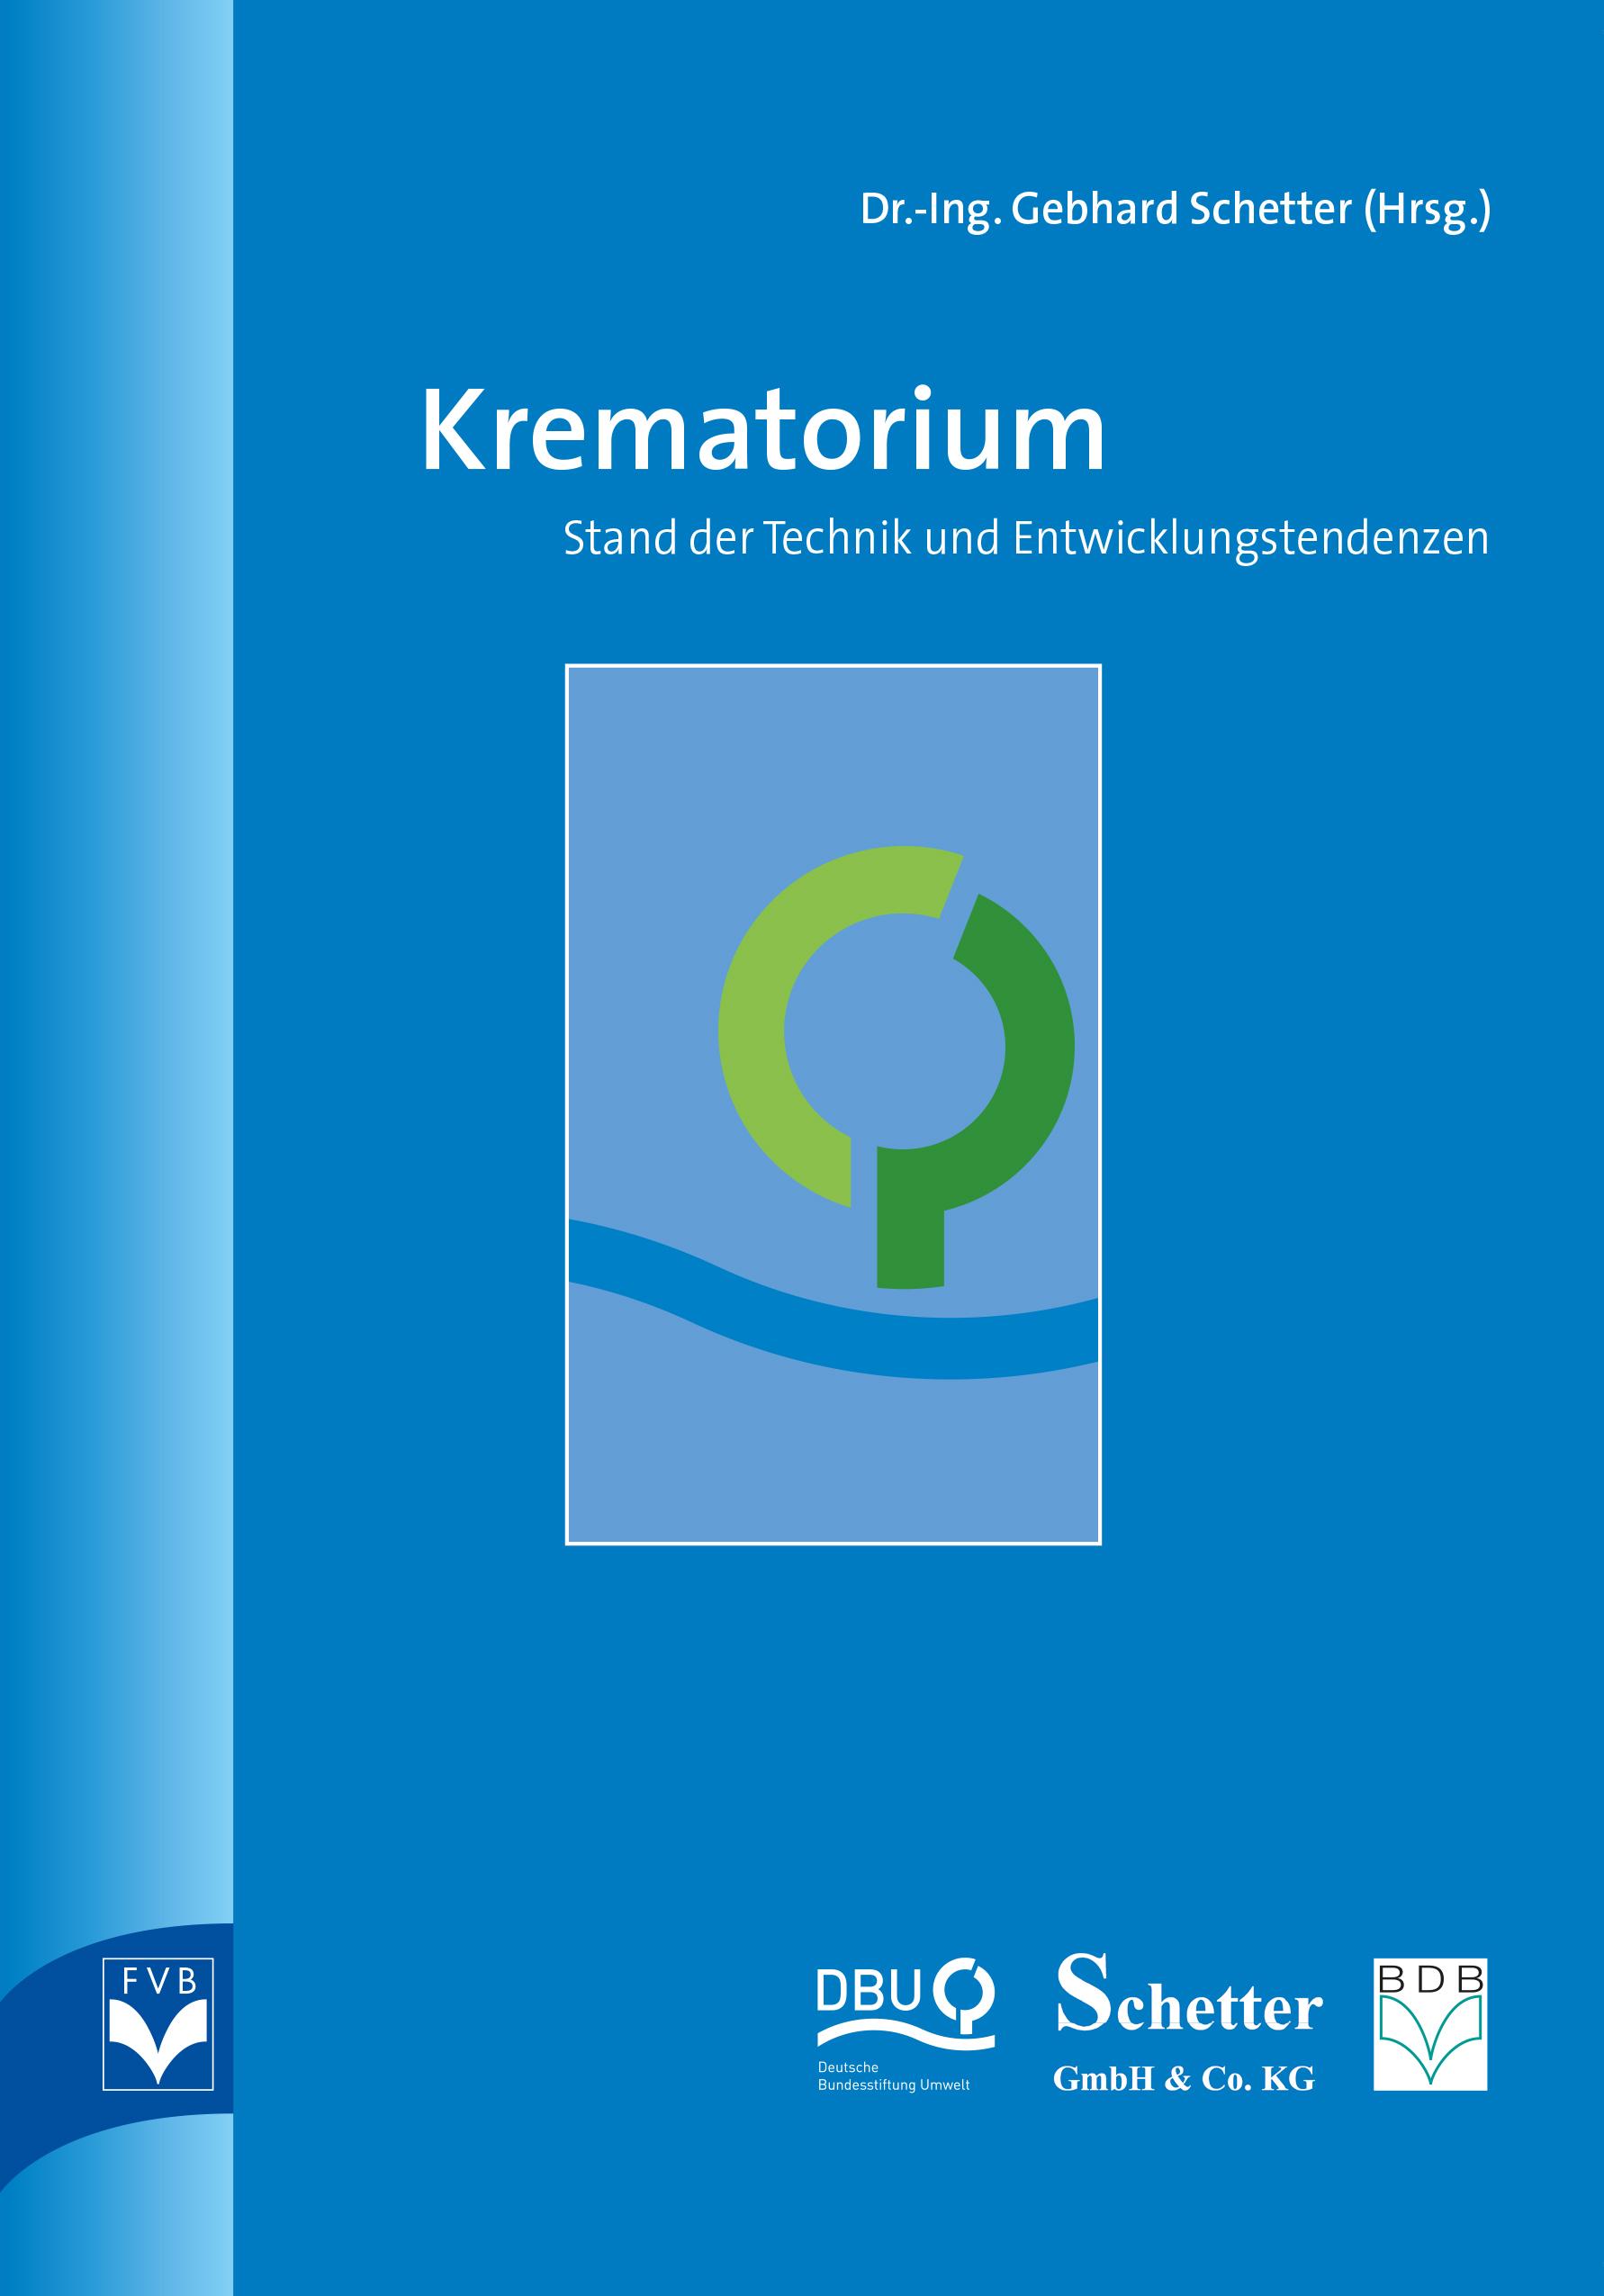 Krematorium - Stand der Technik und Entwicklungstendenzen